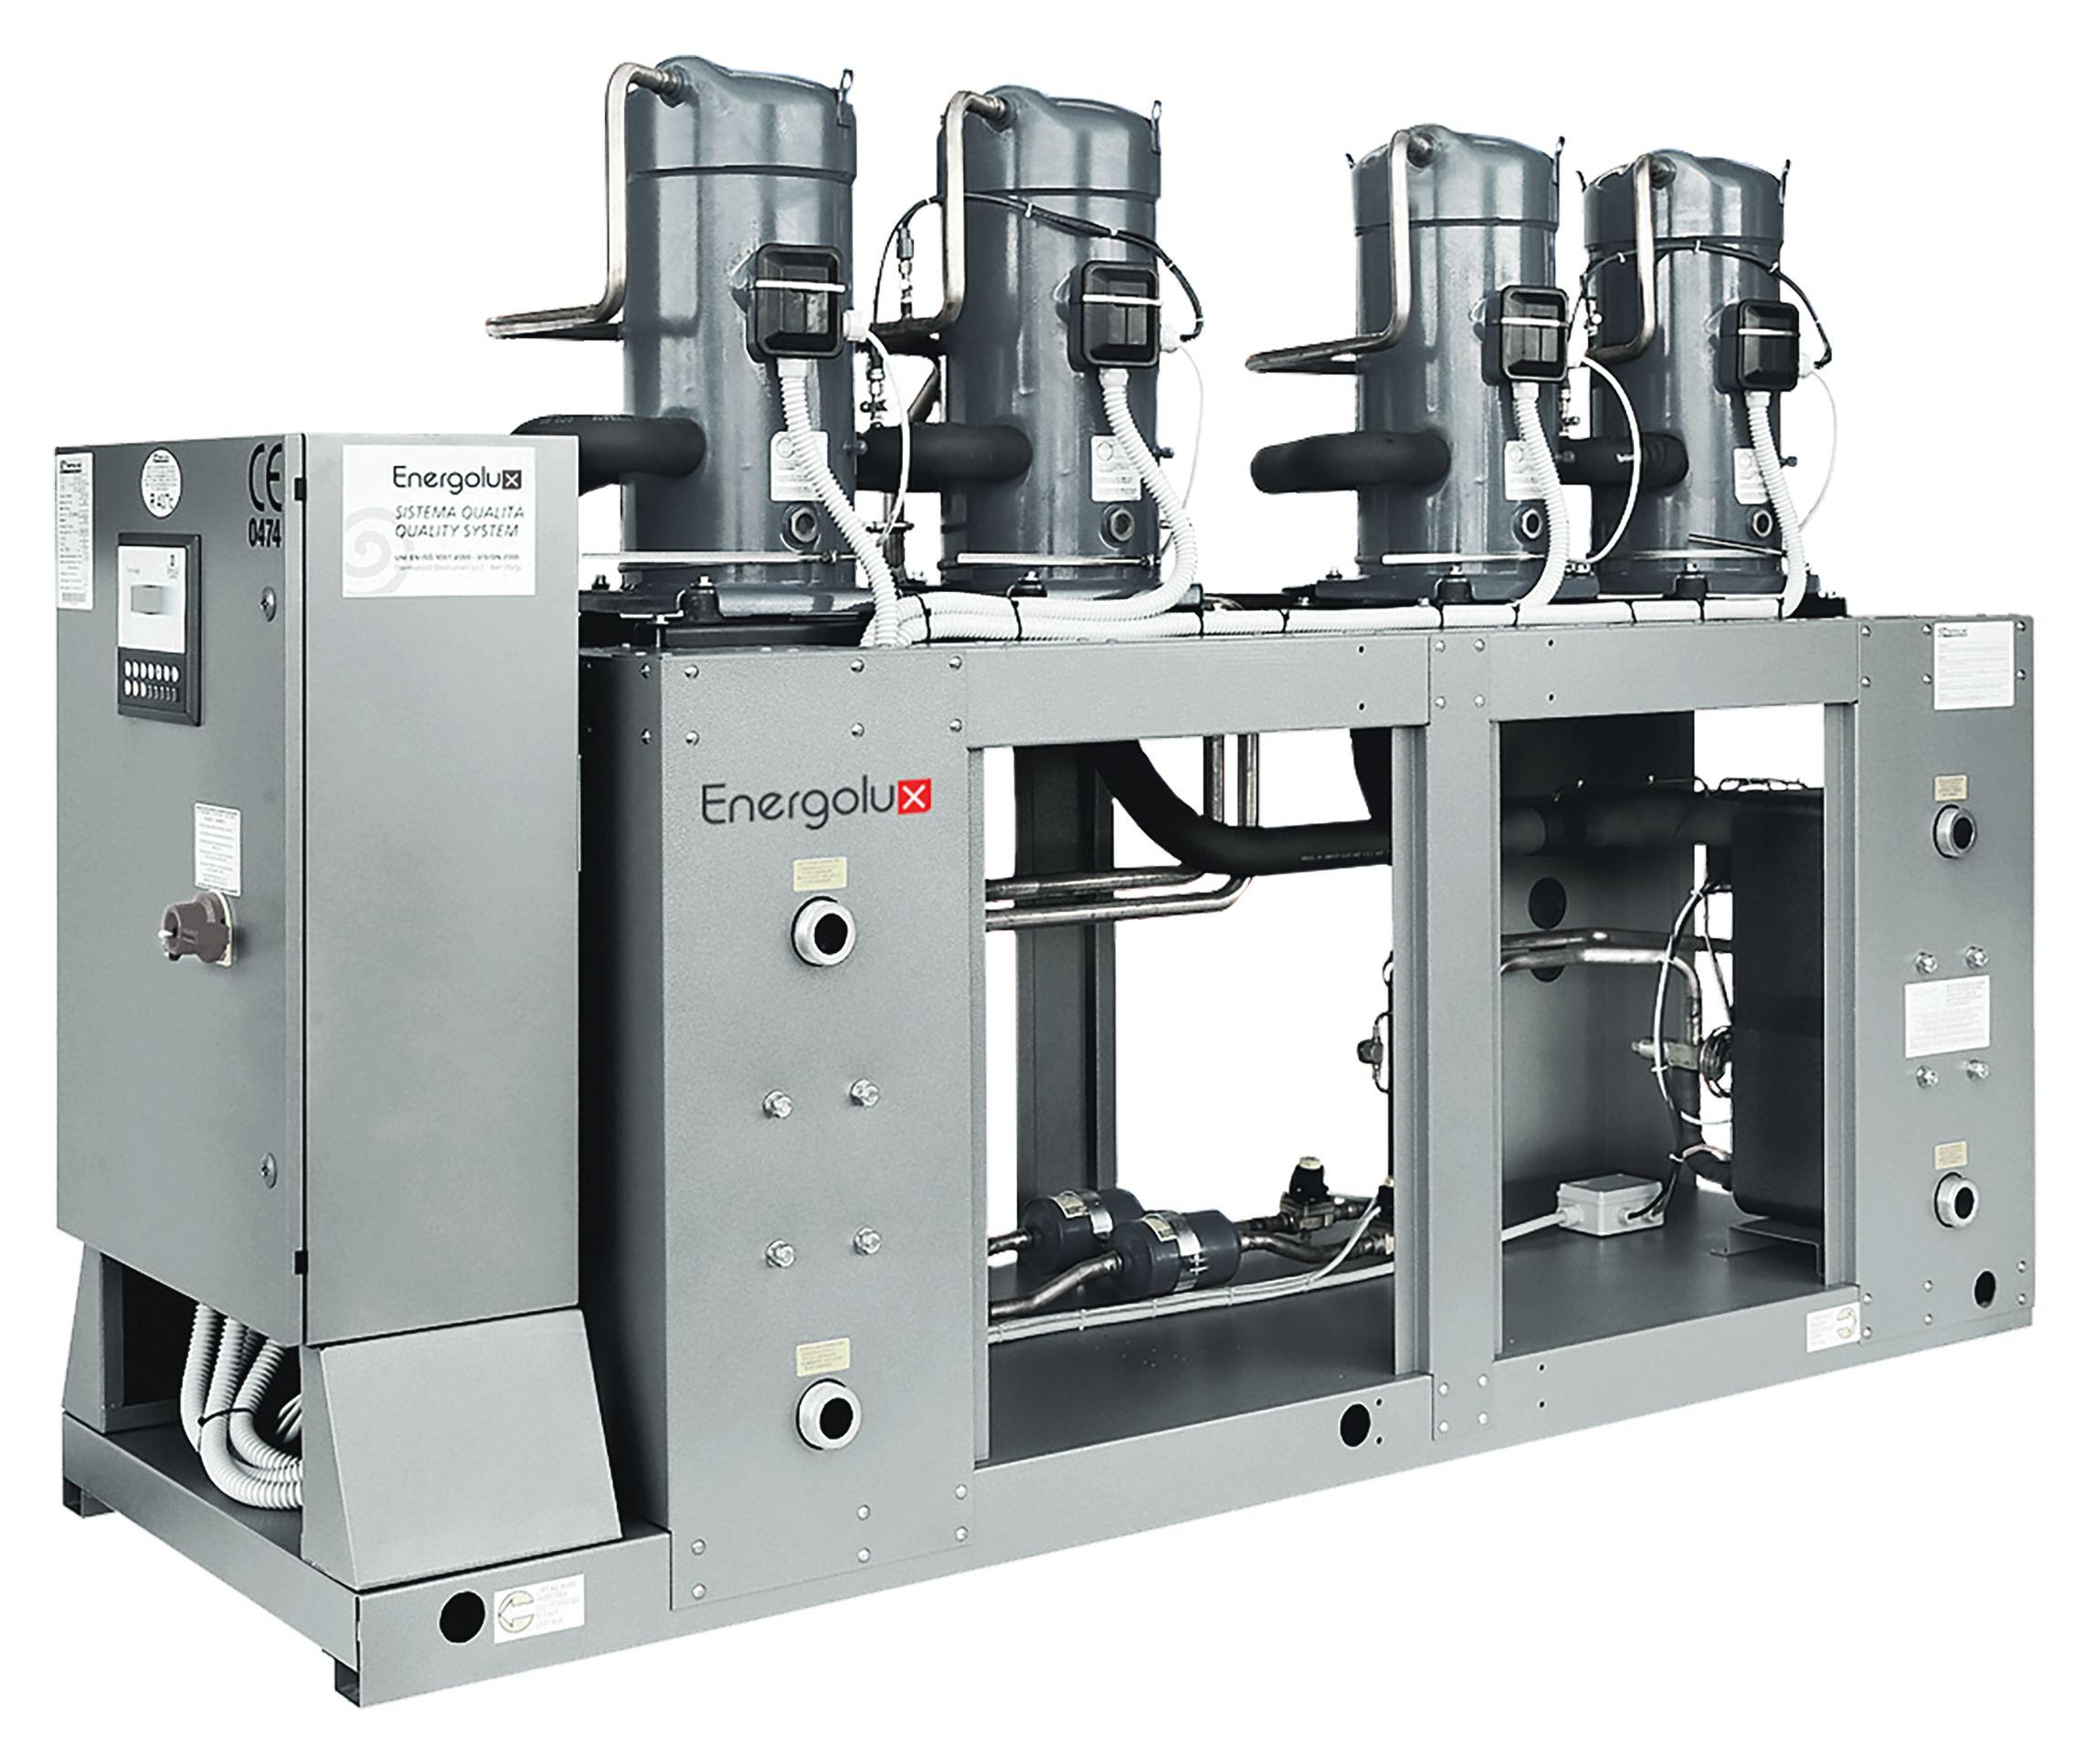 Energolux SCLW-T 2560 Z